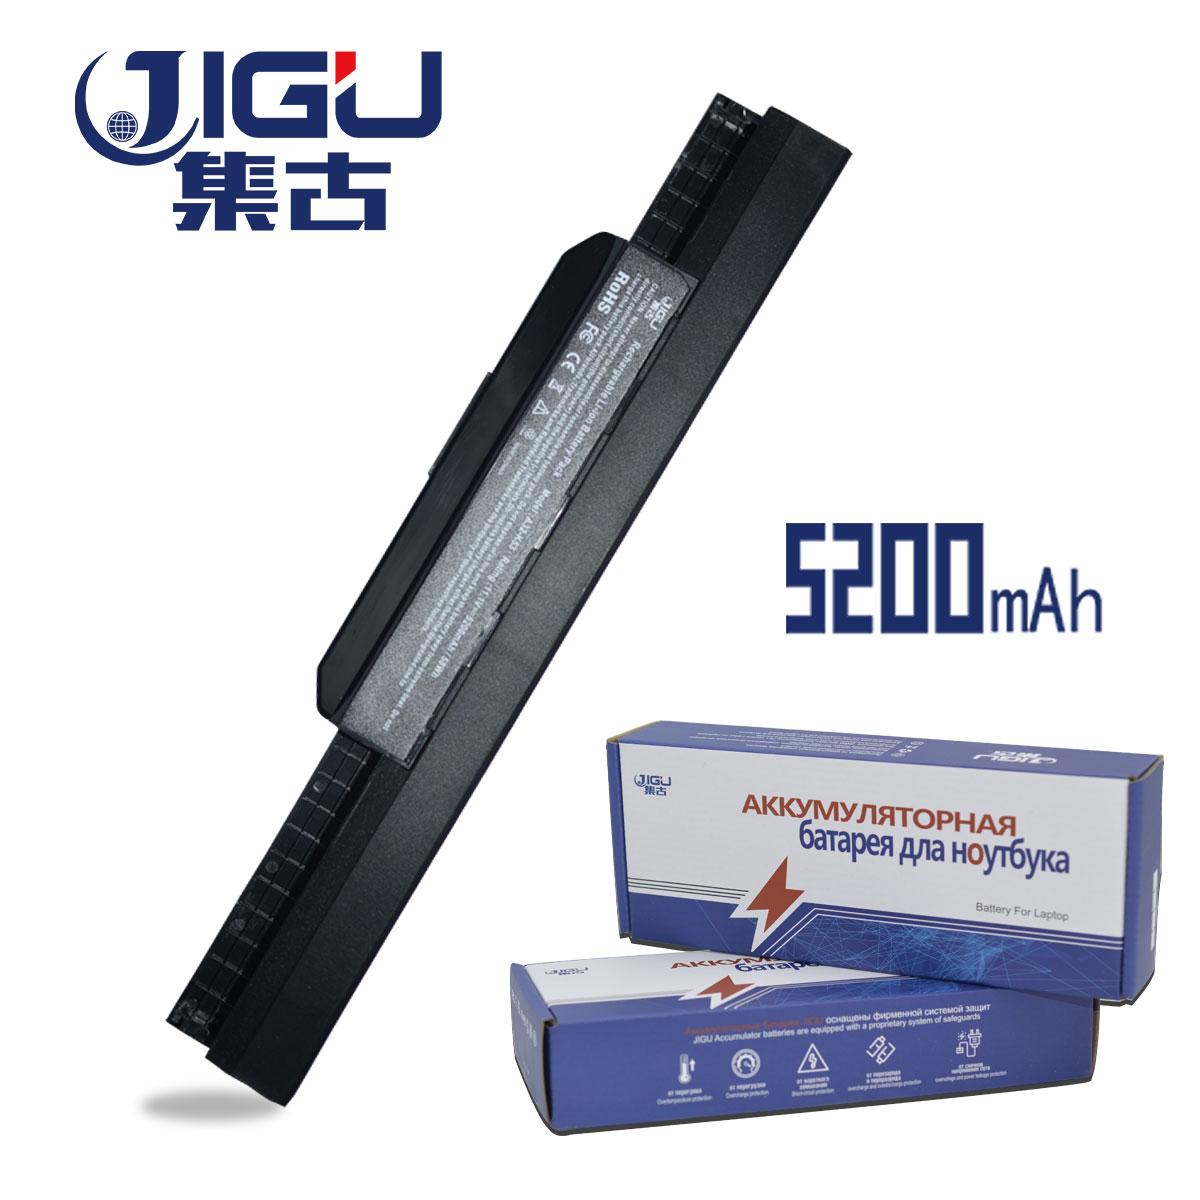 JIGU Laptop Battery For Asus A43 A53 A53S A53z A53SV A53SV K43 K43E K43J K43S K43SV K53 K53E K53F K53J K53S K53SV K53T K53U laptop battery for asus a43 a53 k43 k53 x43 a43b a53b k43b k53b x43b k53b k53e k53f k53j k53s k53s e k53u series a32 k53 a42 k53